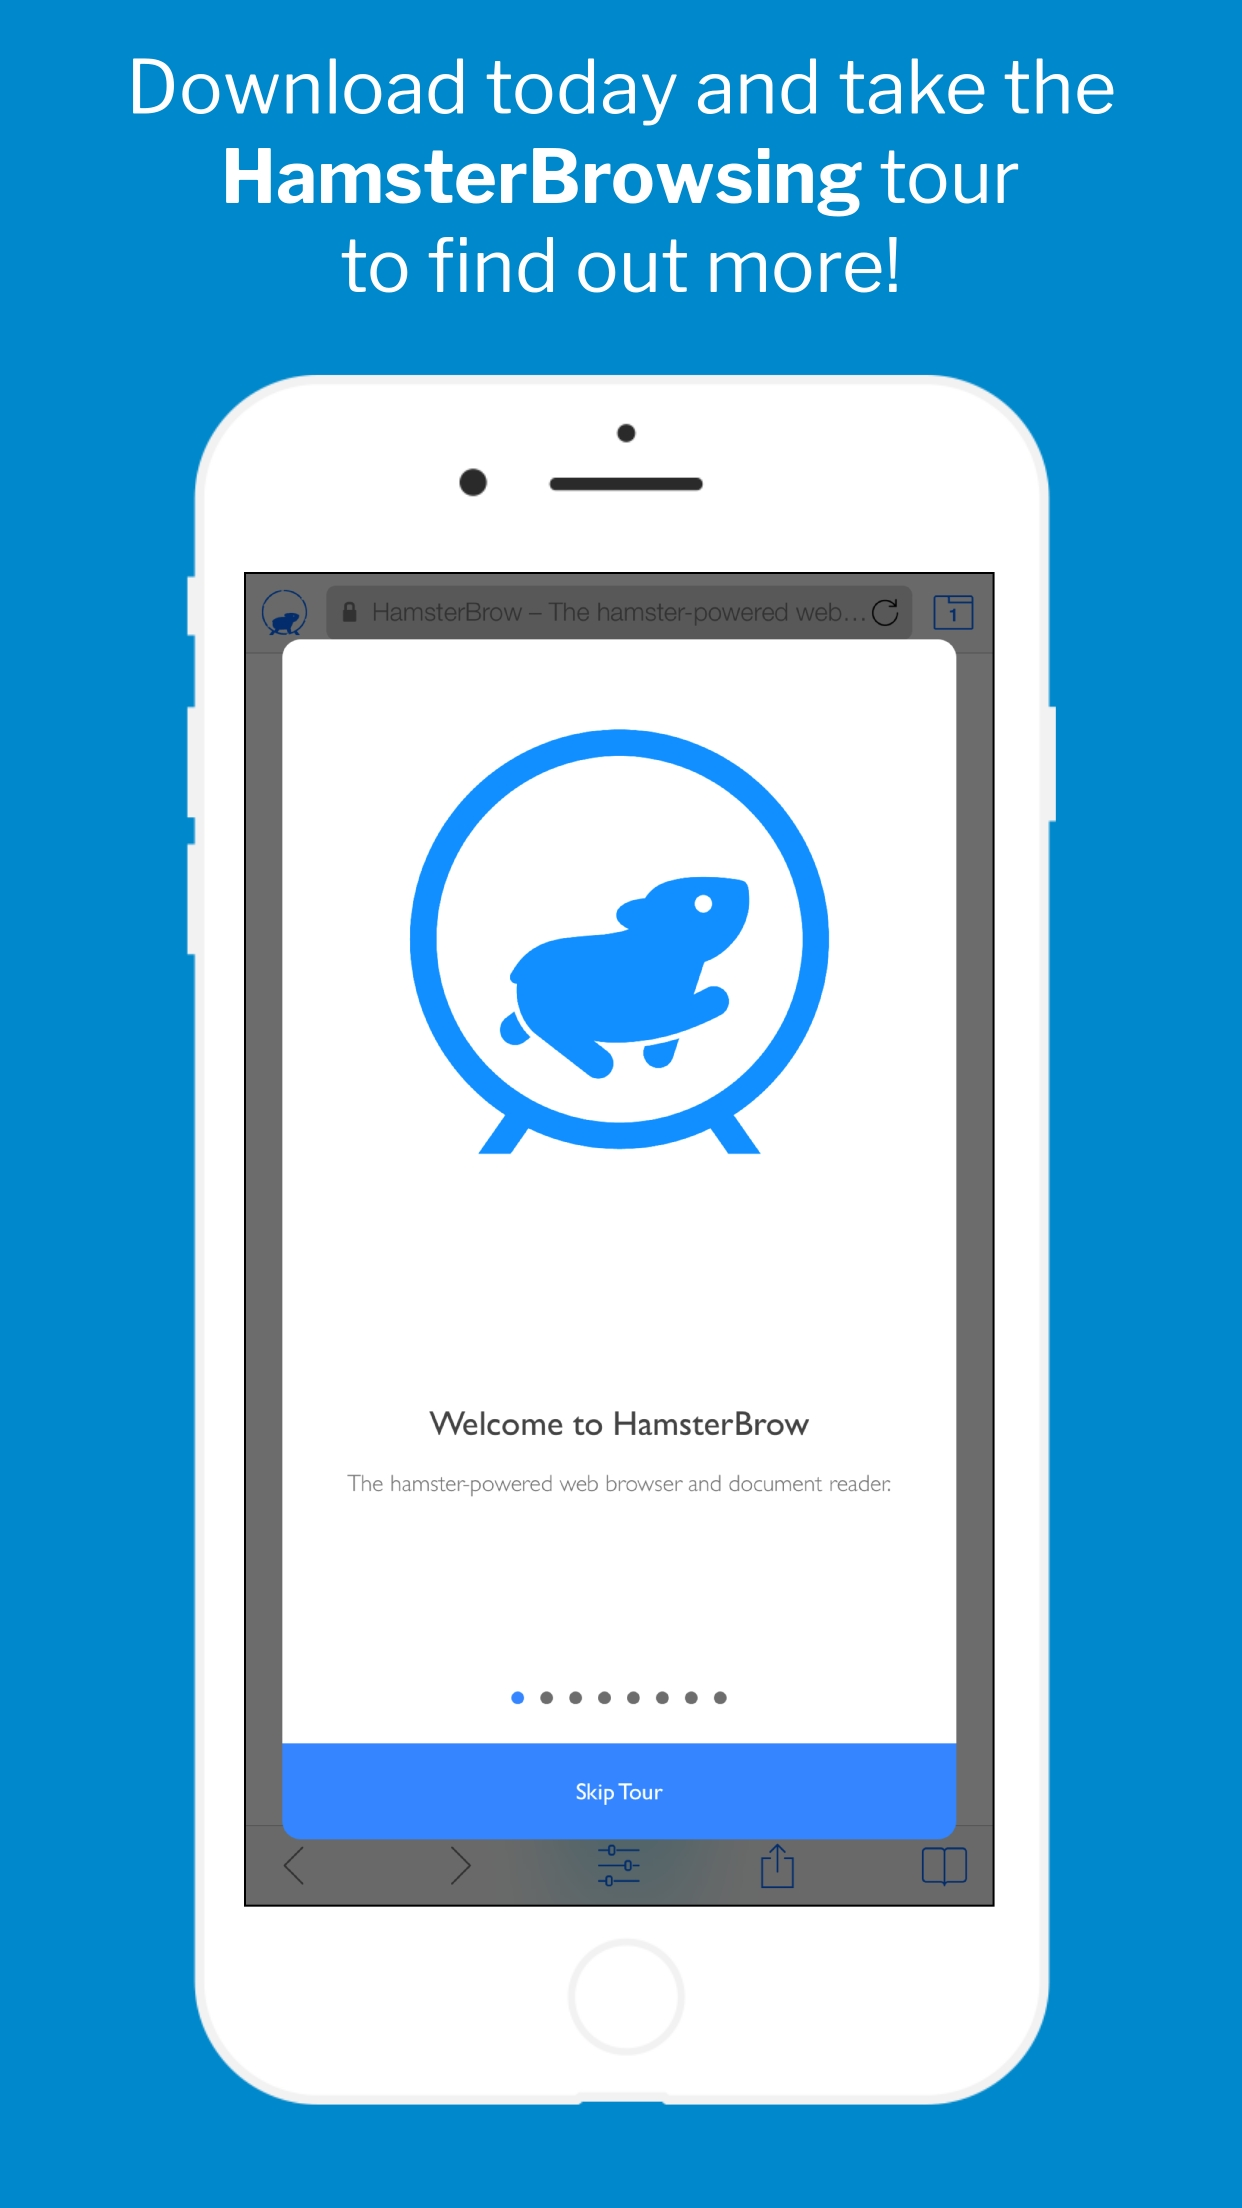 HamsterBrow